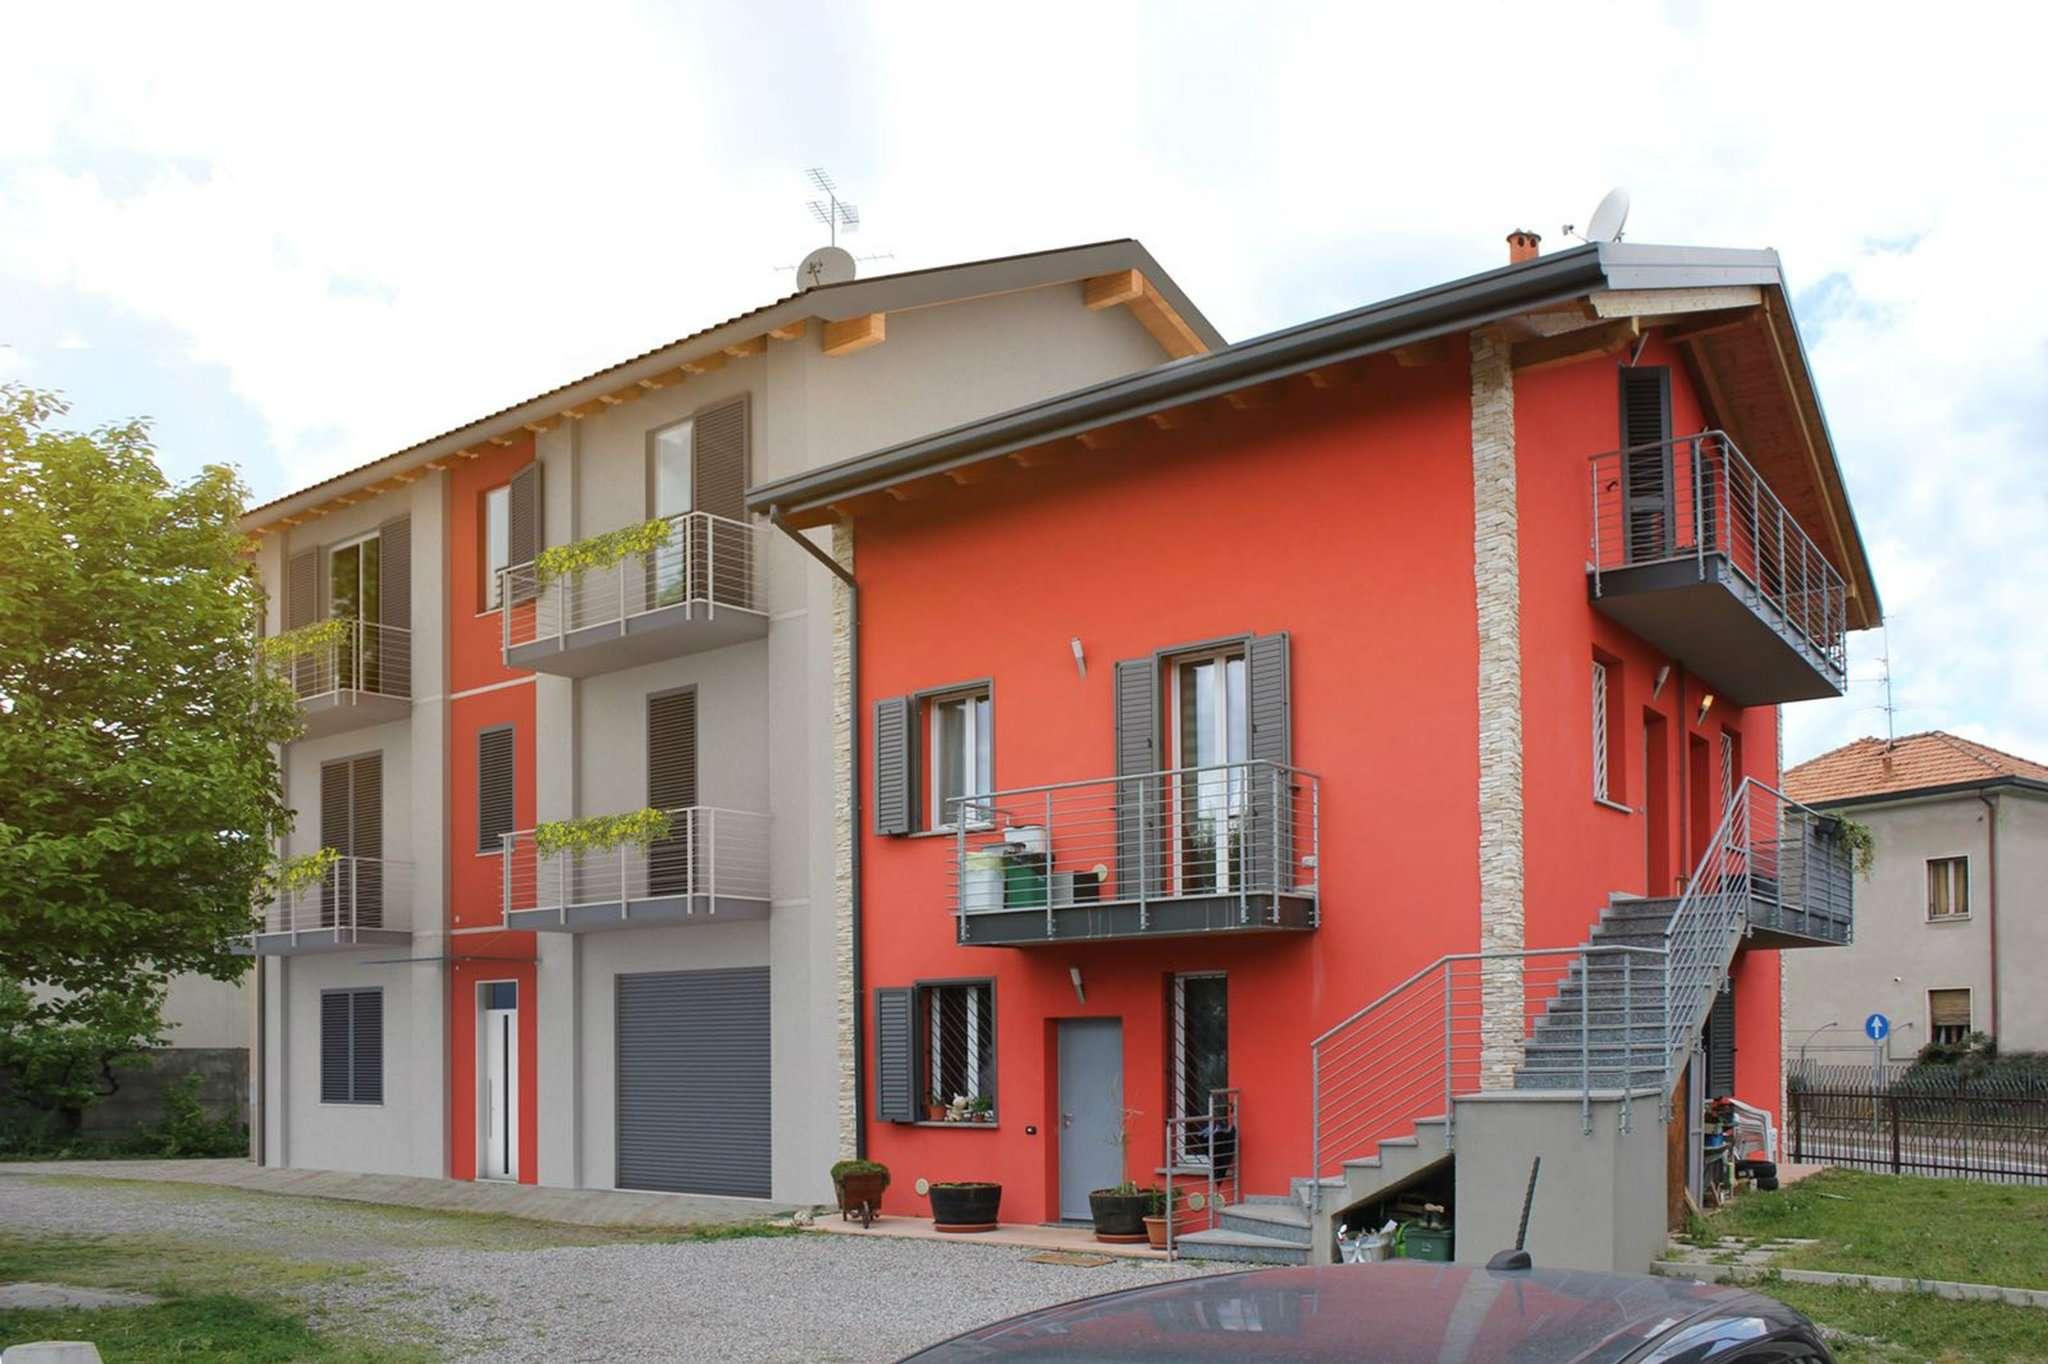 Appartamento in vendita a Appiano Gentile, 4 locali, prezzo € 220.000 | CambioCasa.it